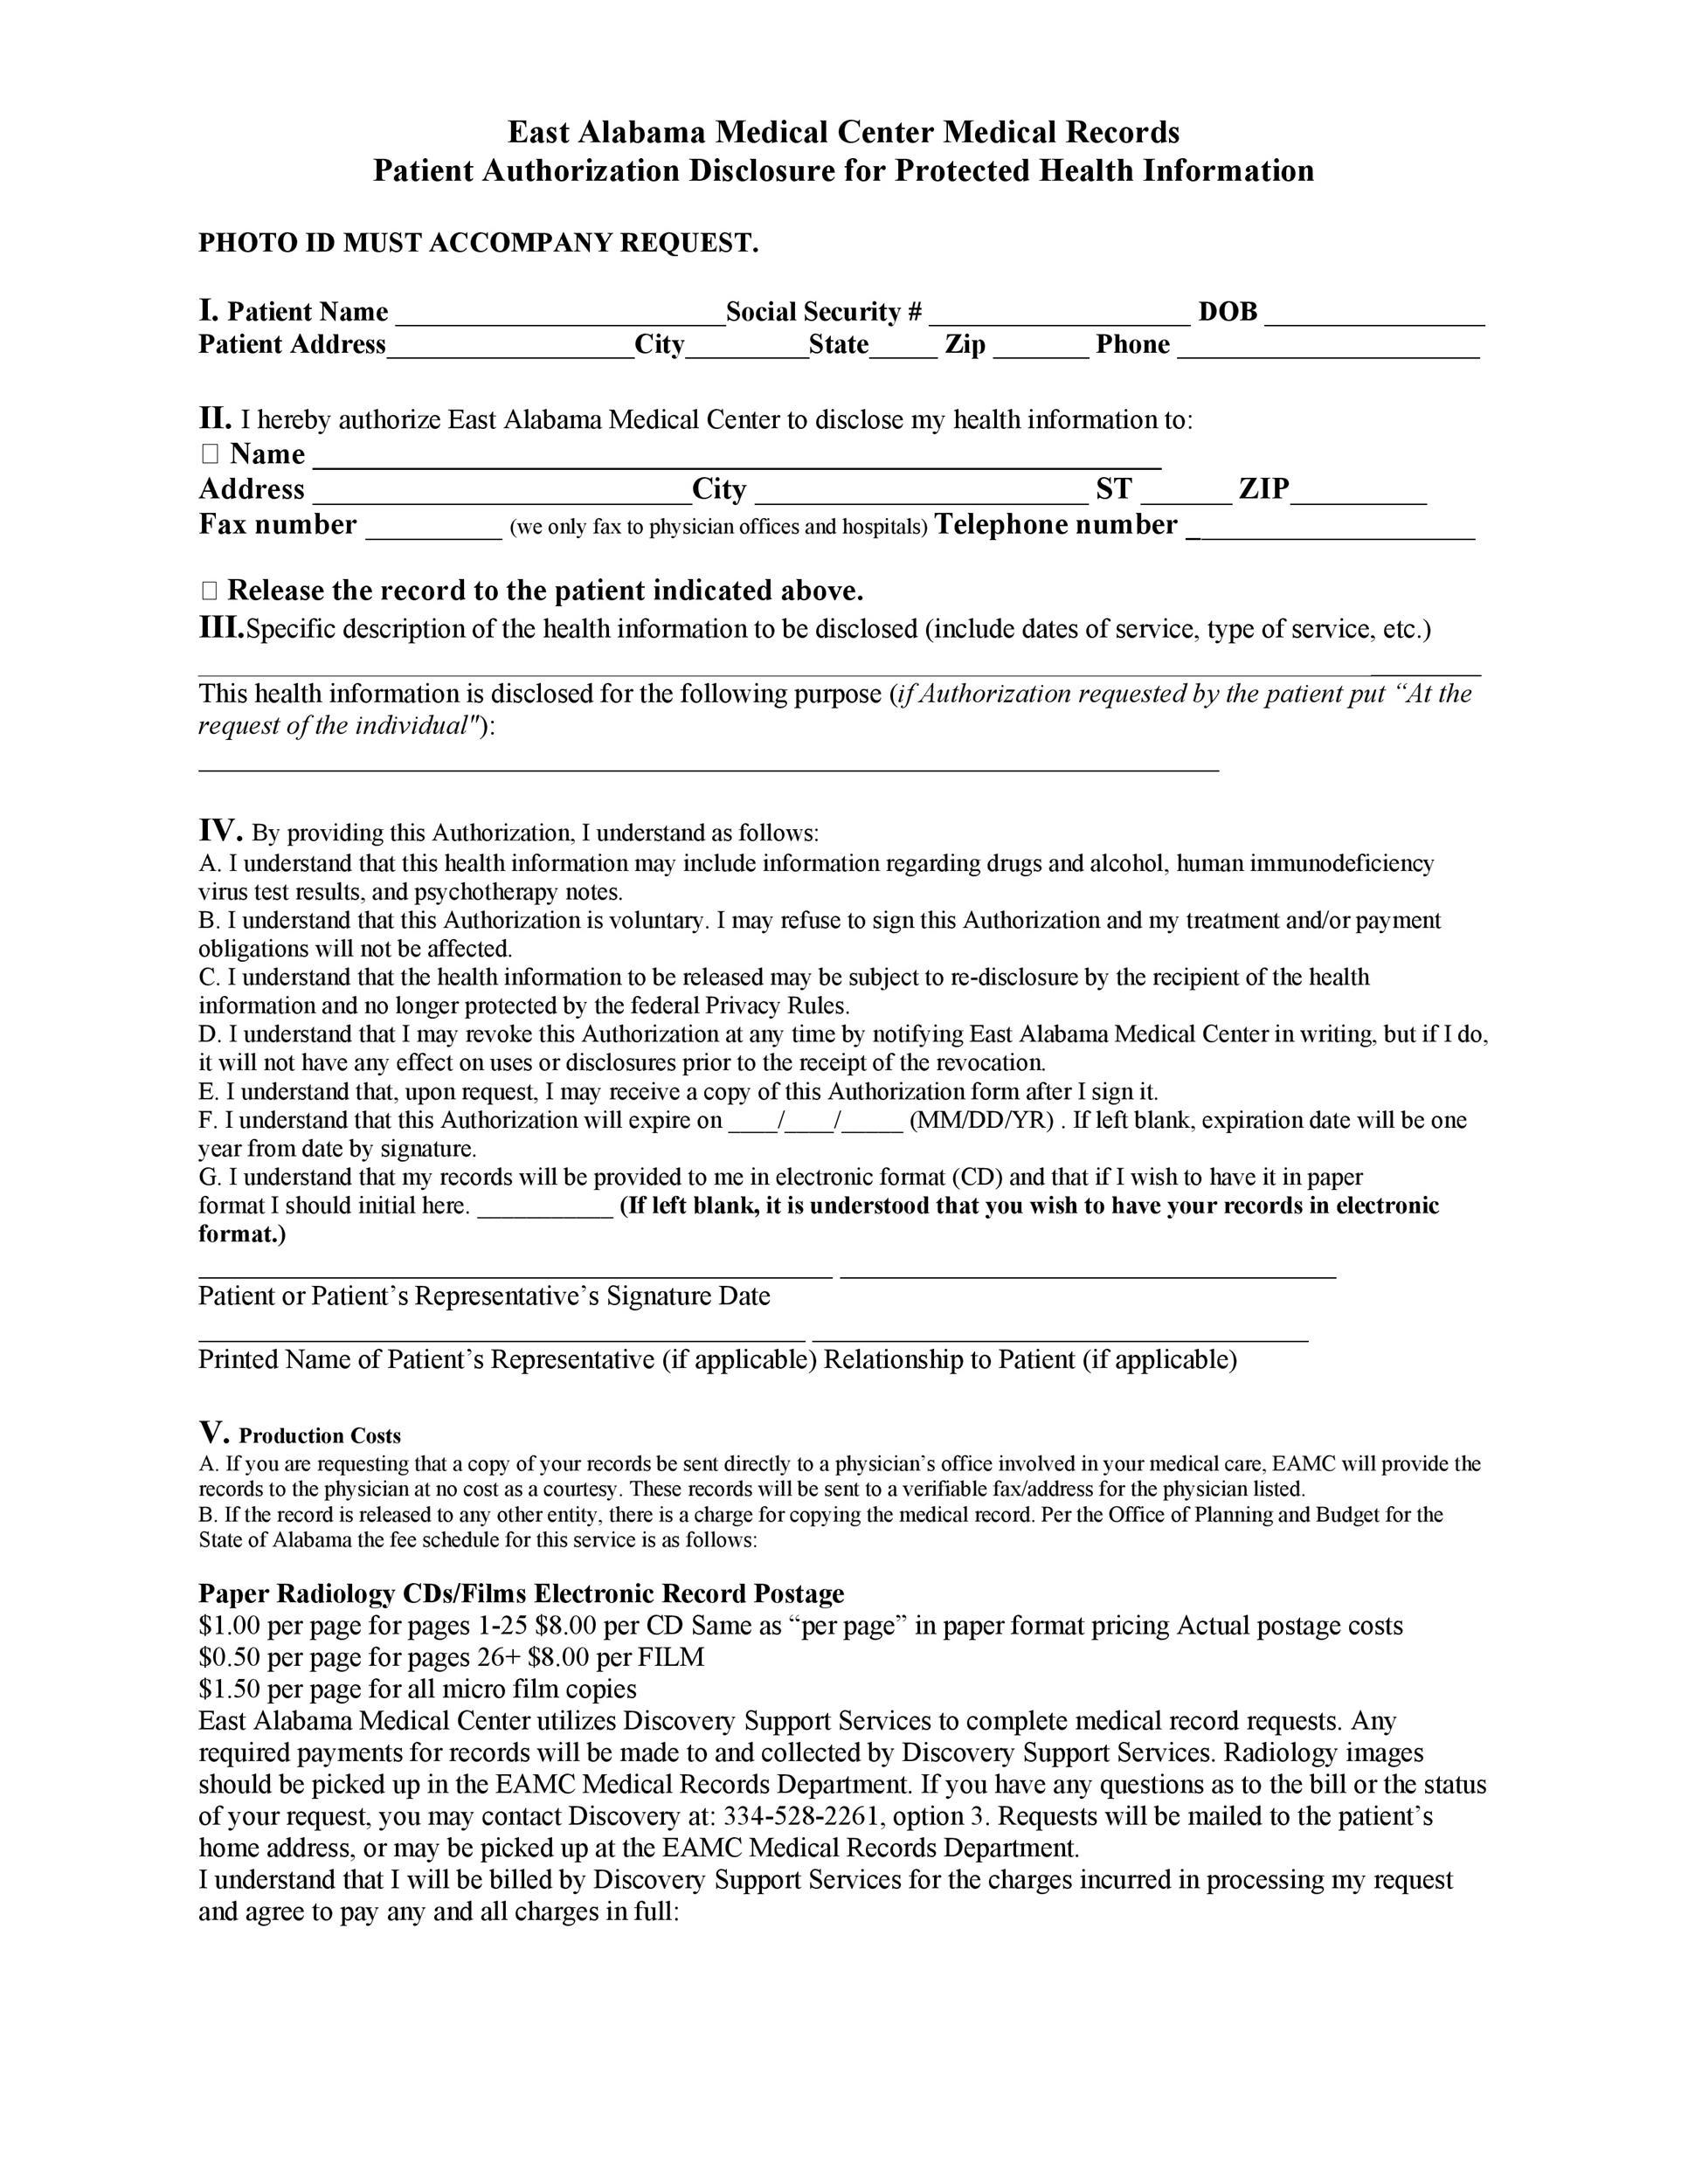 Medical Release Of Information Form Child Medication - medical records release form